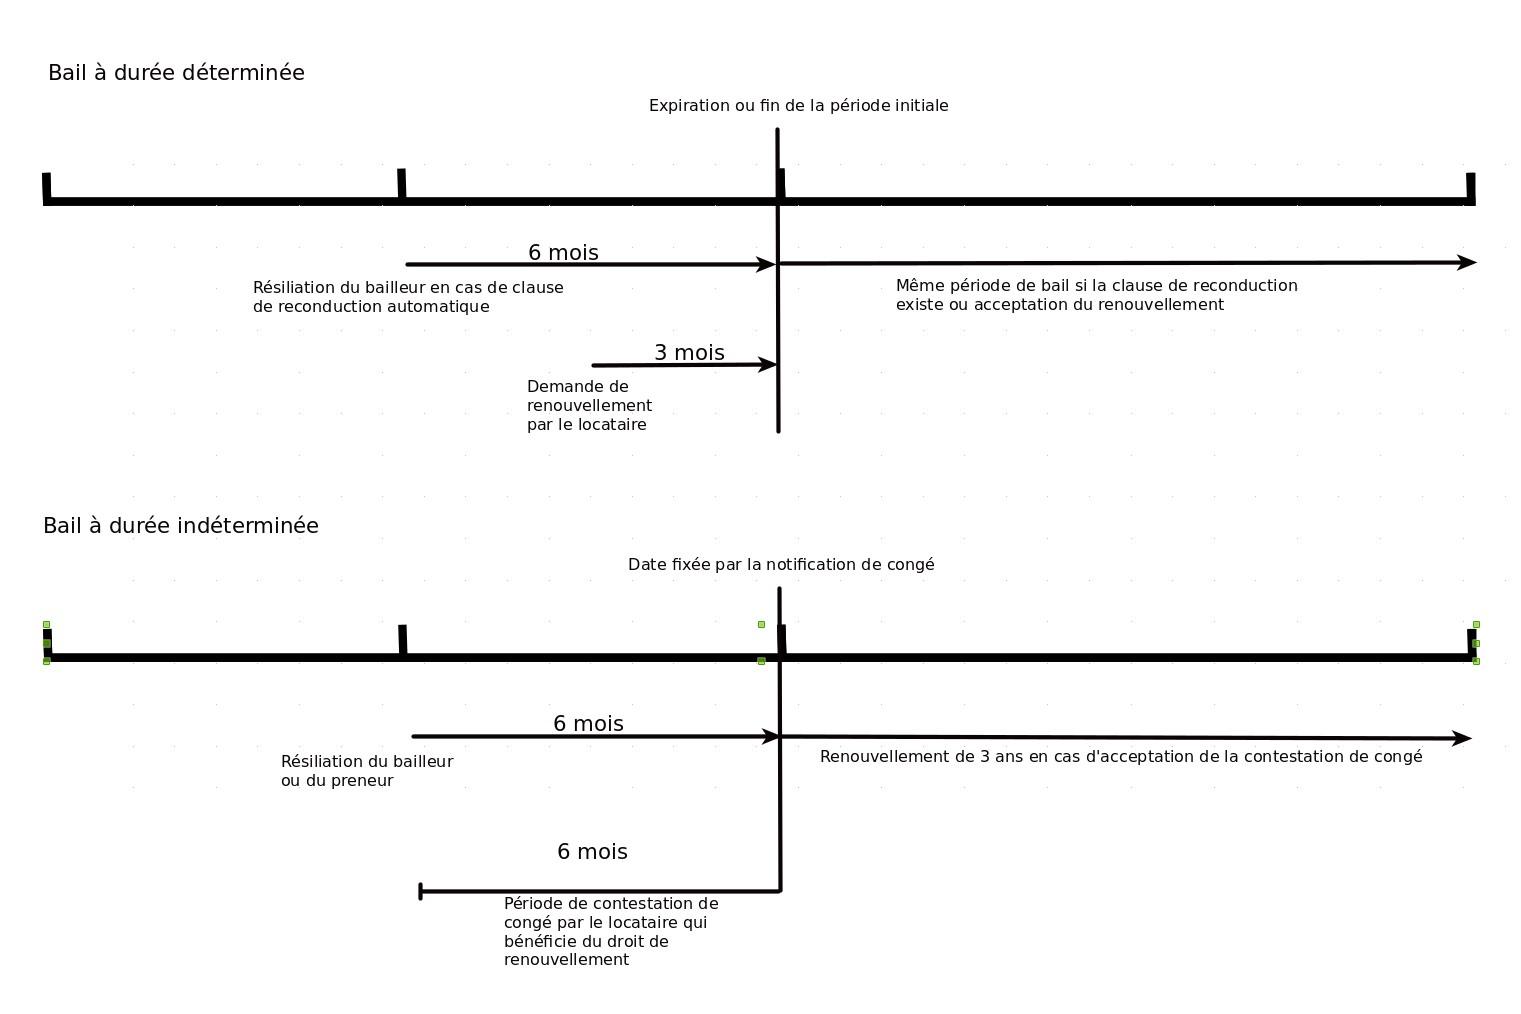 Voici un schéma pour résumer le renouvellement d'un contrat de bail à Madagascar, qu'il soit à durée déterminée ou indéterminée